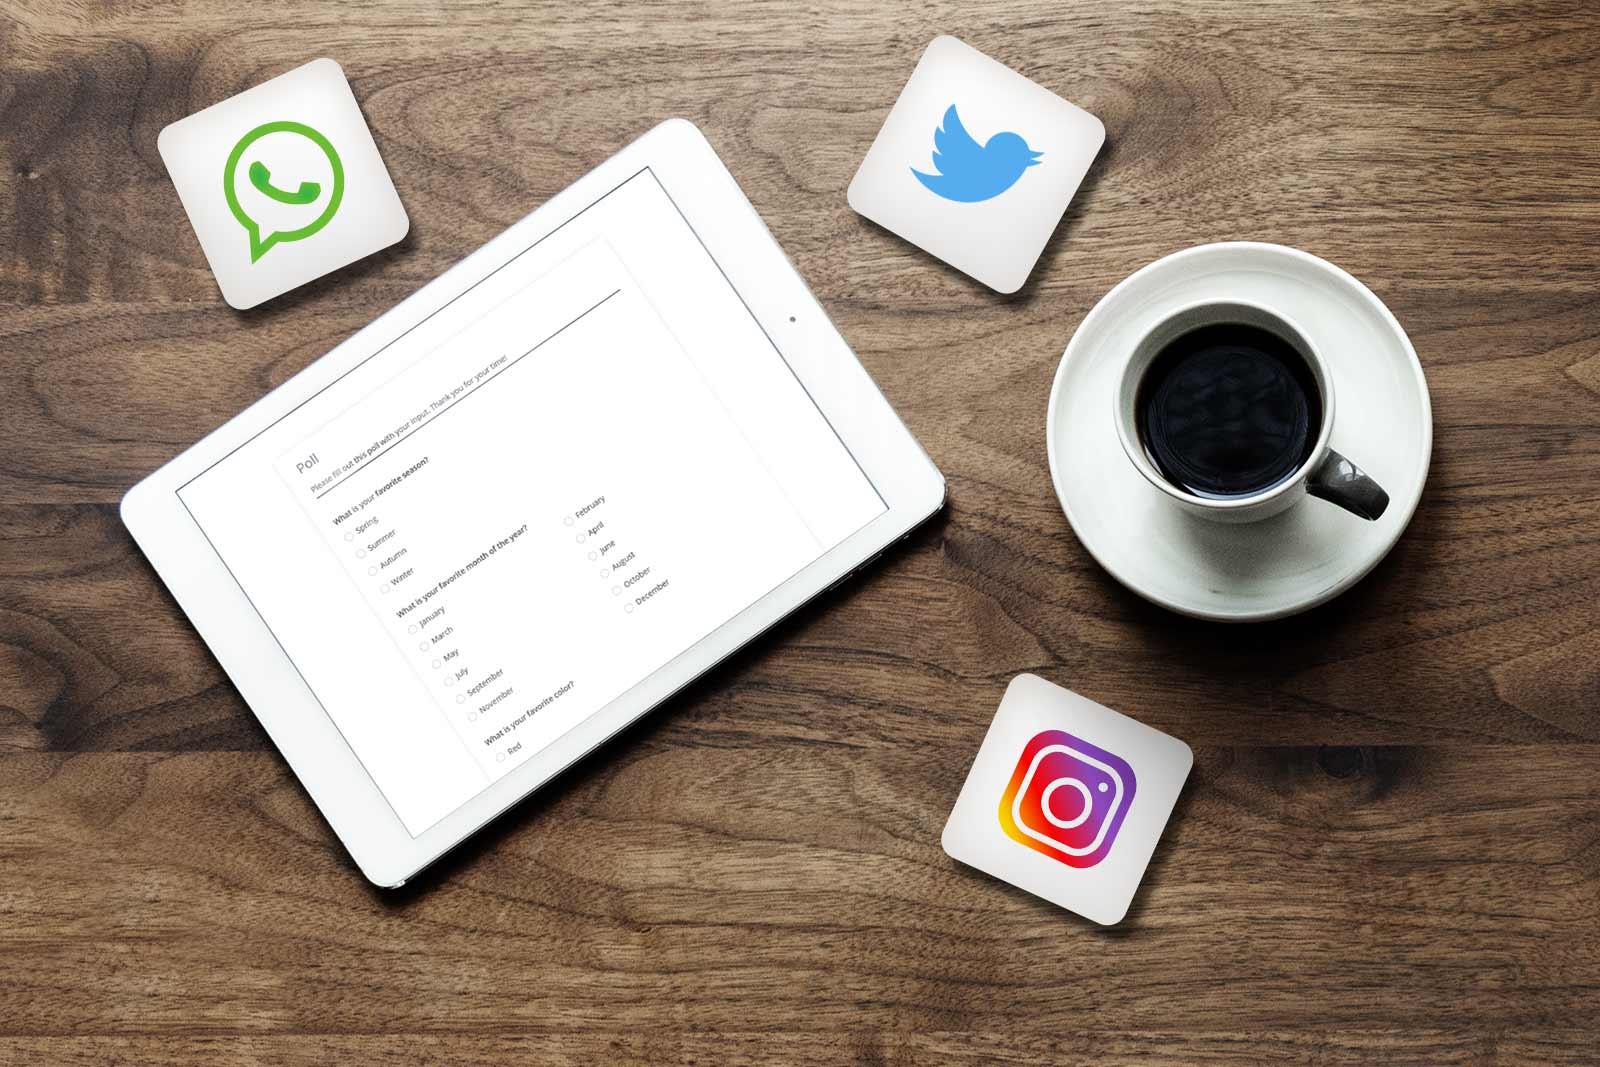 Share Polls on Social Media | 123FormBuilder Blog